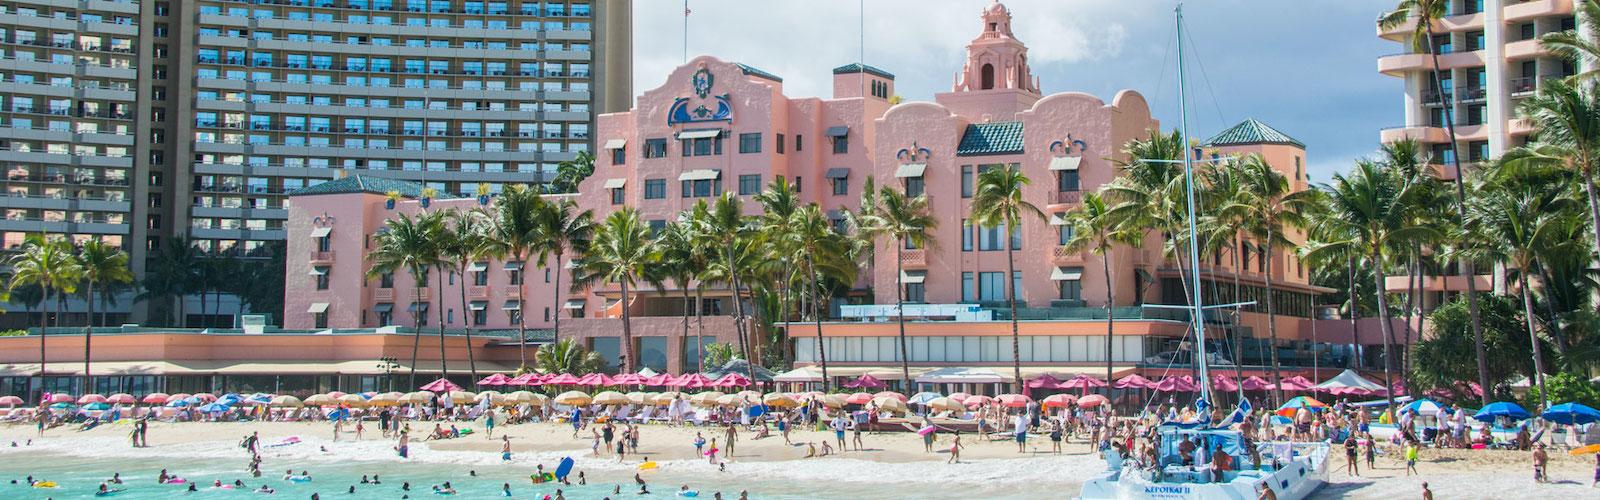 Waikiki, Heart of Waikiki, Where to Stay in Waikiki, About Waikiki, Oahu, Hawaii